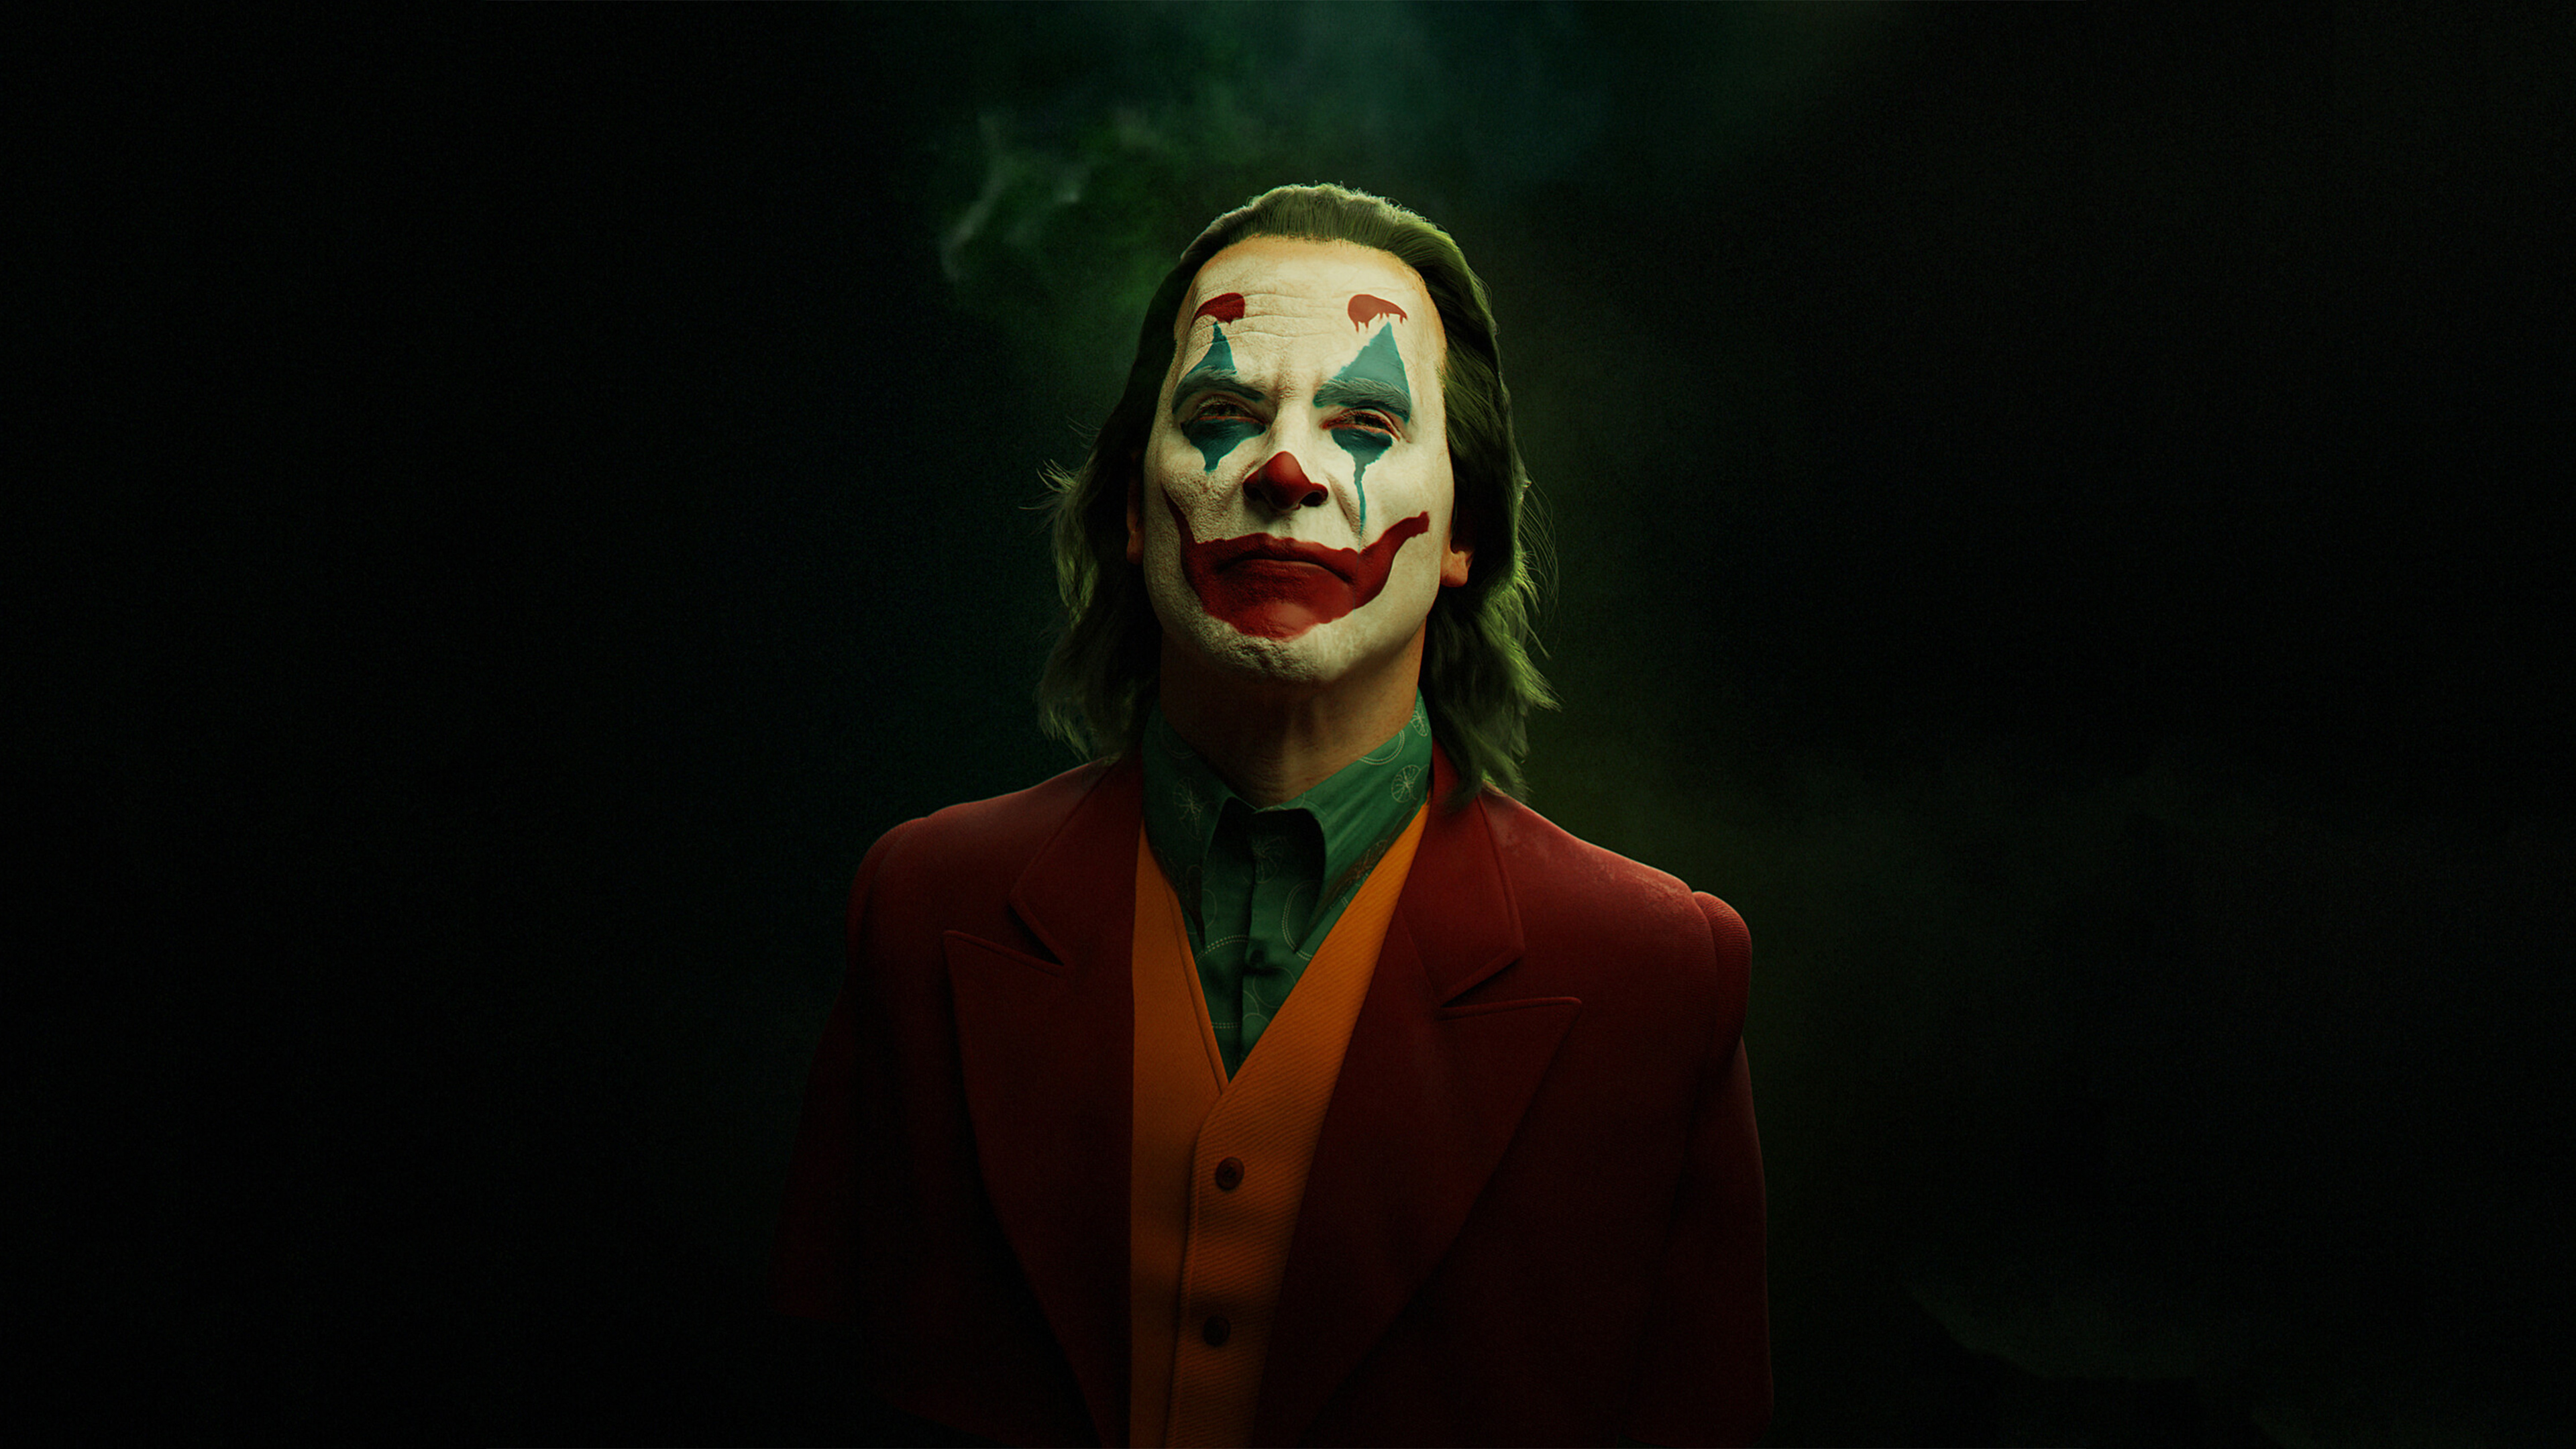 Wallpaper 4k Joker Art 4k Wallpaper Joker Joker Art Wallpaper Hd 4k Joker Hd Wallpaper 4k Joker Phone Wallpaper 4k Hd Joker Wallpaper 4k Hd